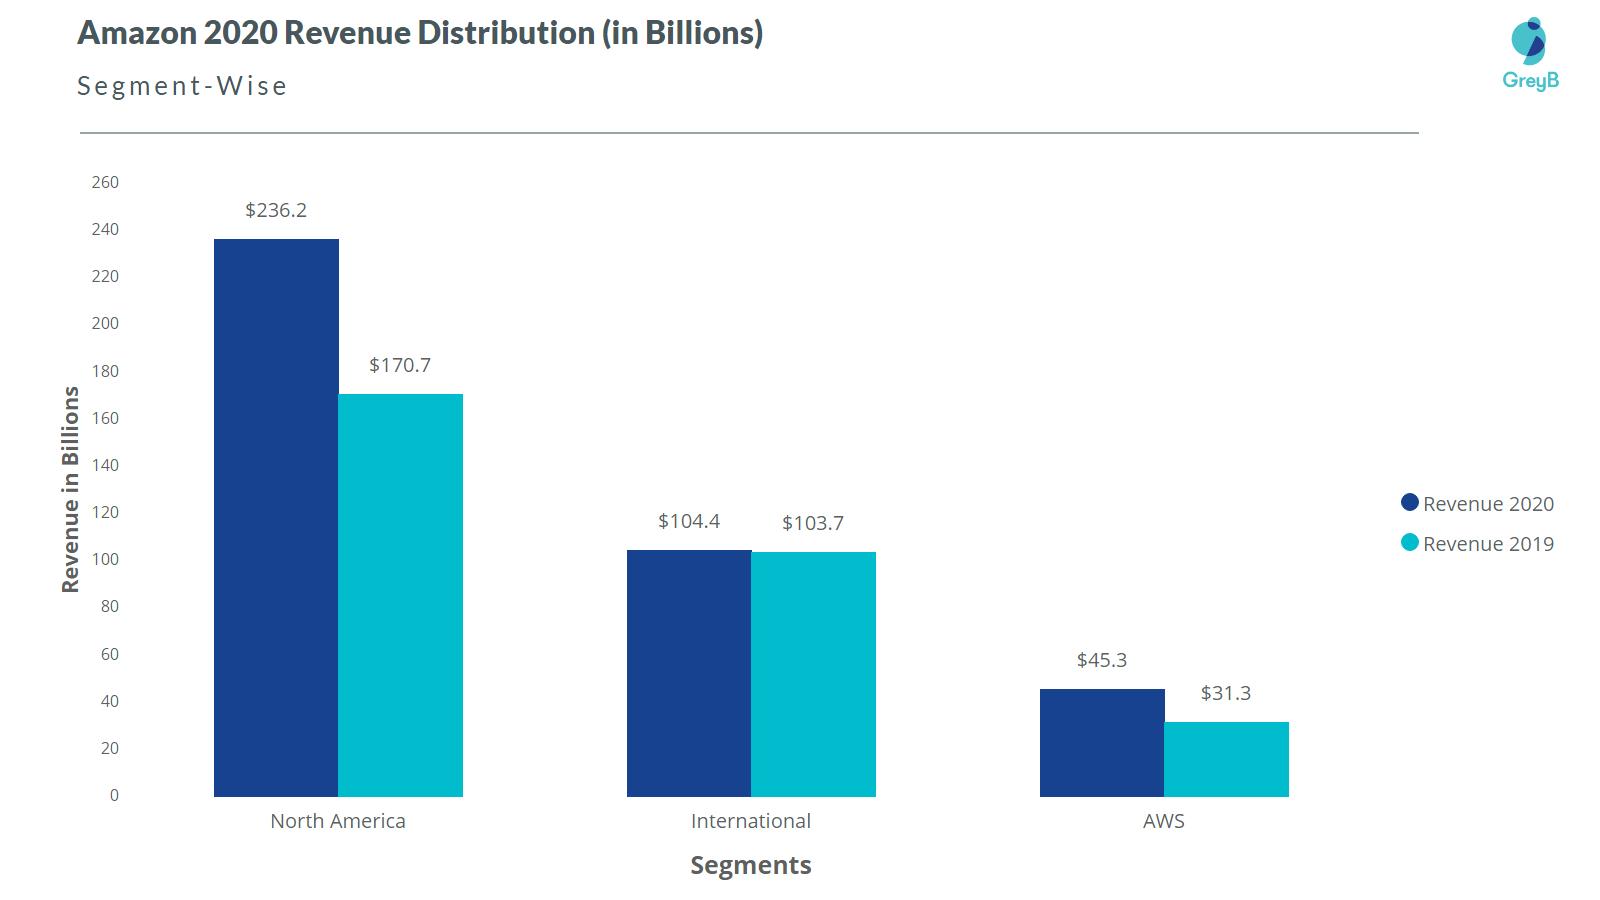 Amazon Segment Revenue 2020